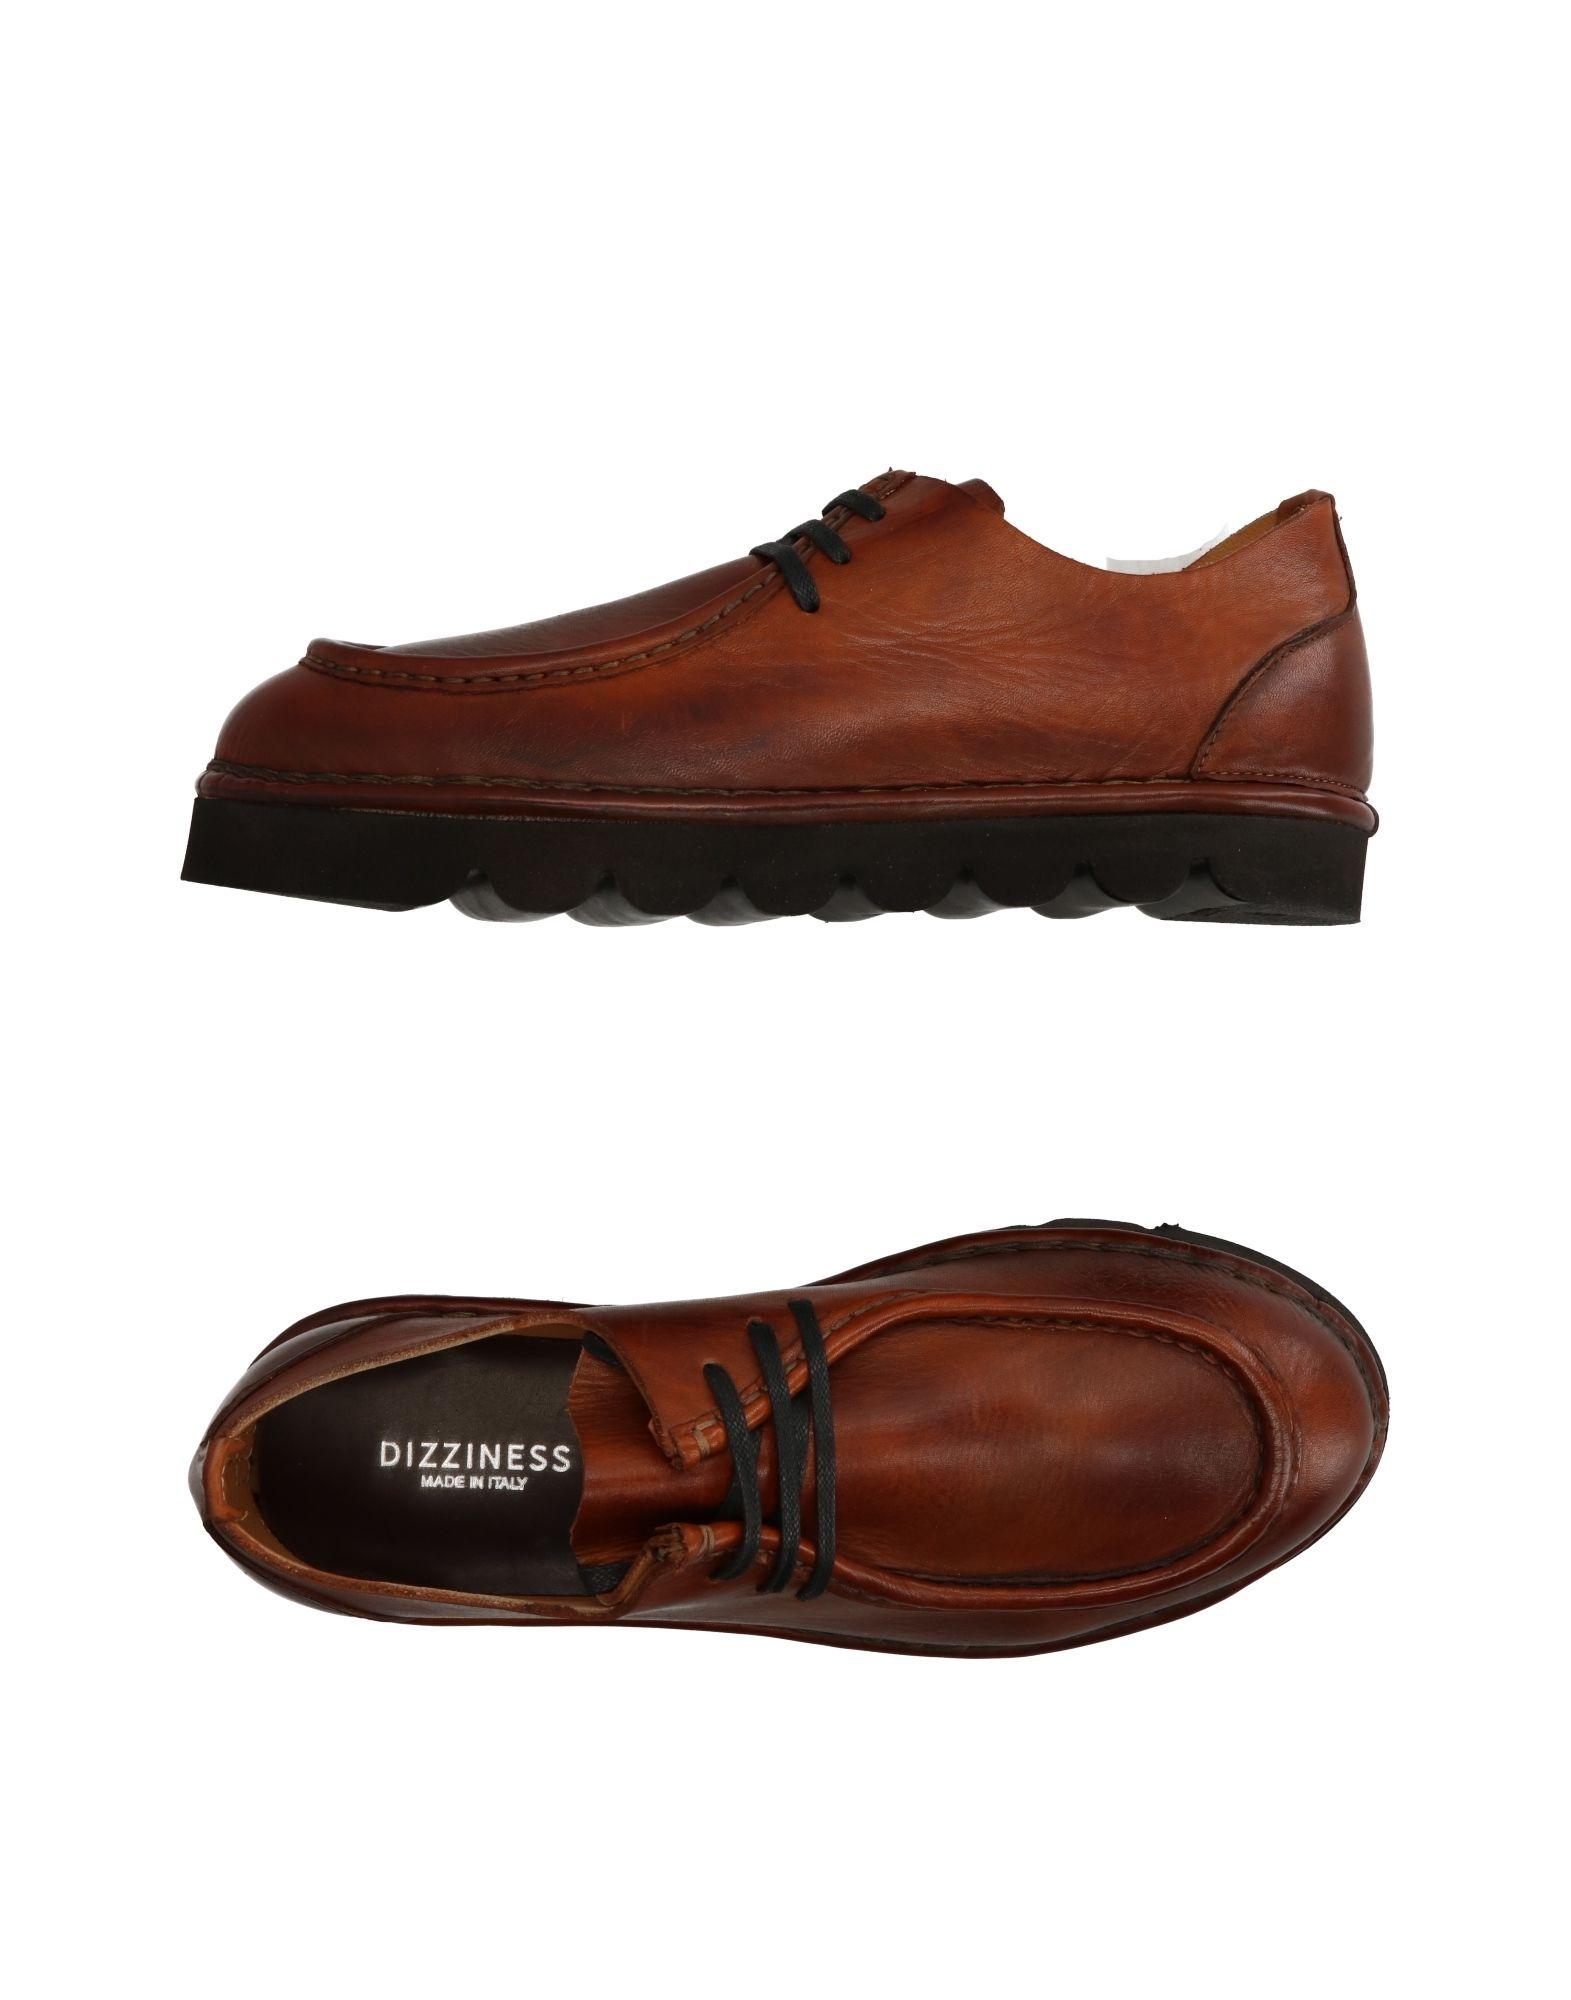 DIZZINESS Обувь на шнурках первый внутри обувь обувь обувь обувь обувь обувь обувь обувь обувь 8a2549 мужская армия green 40 метров